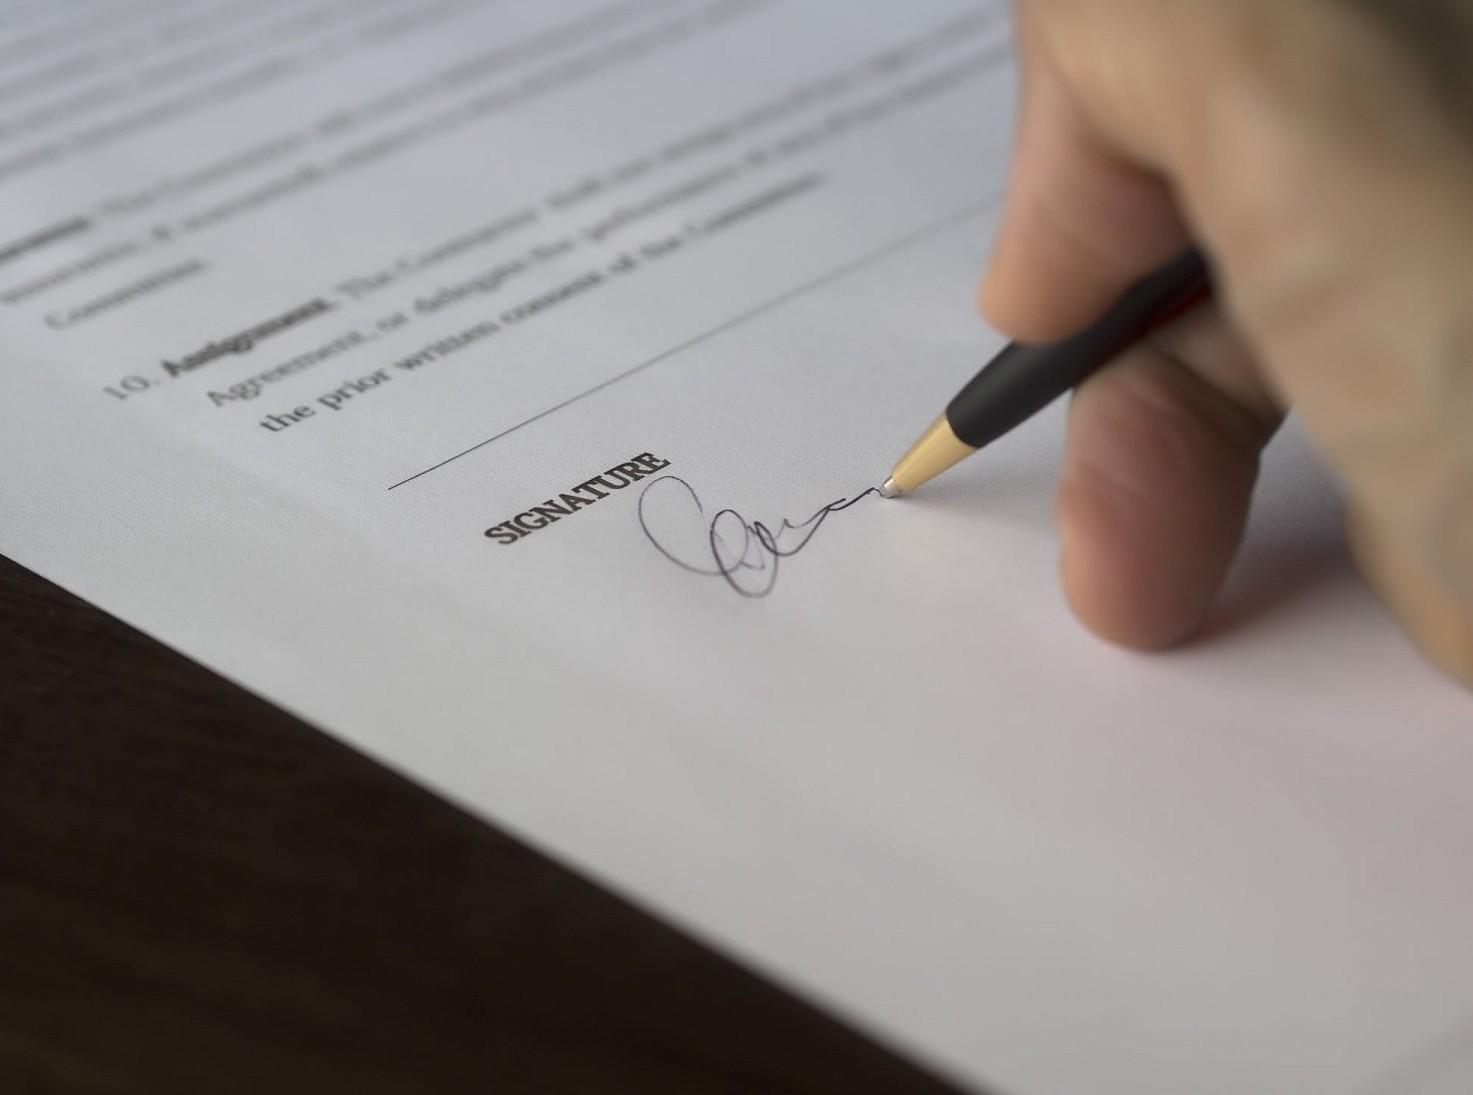 Contratti lavoro collettivi nazionali, i migliori CCNL per stipendio e livello